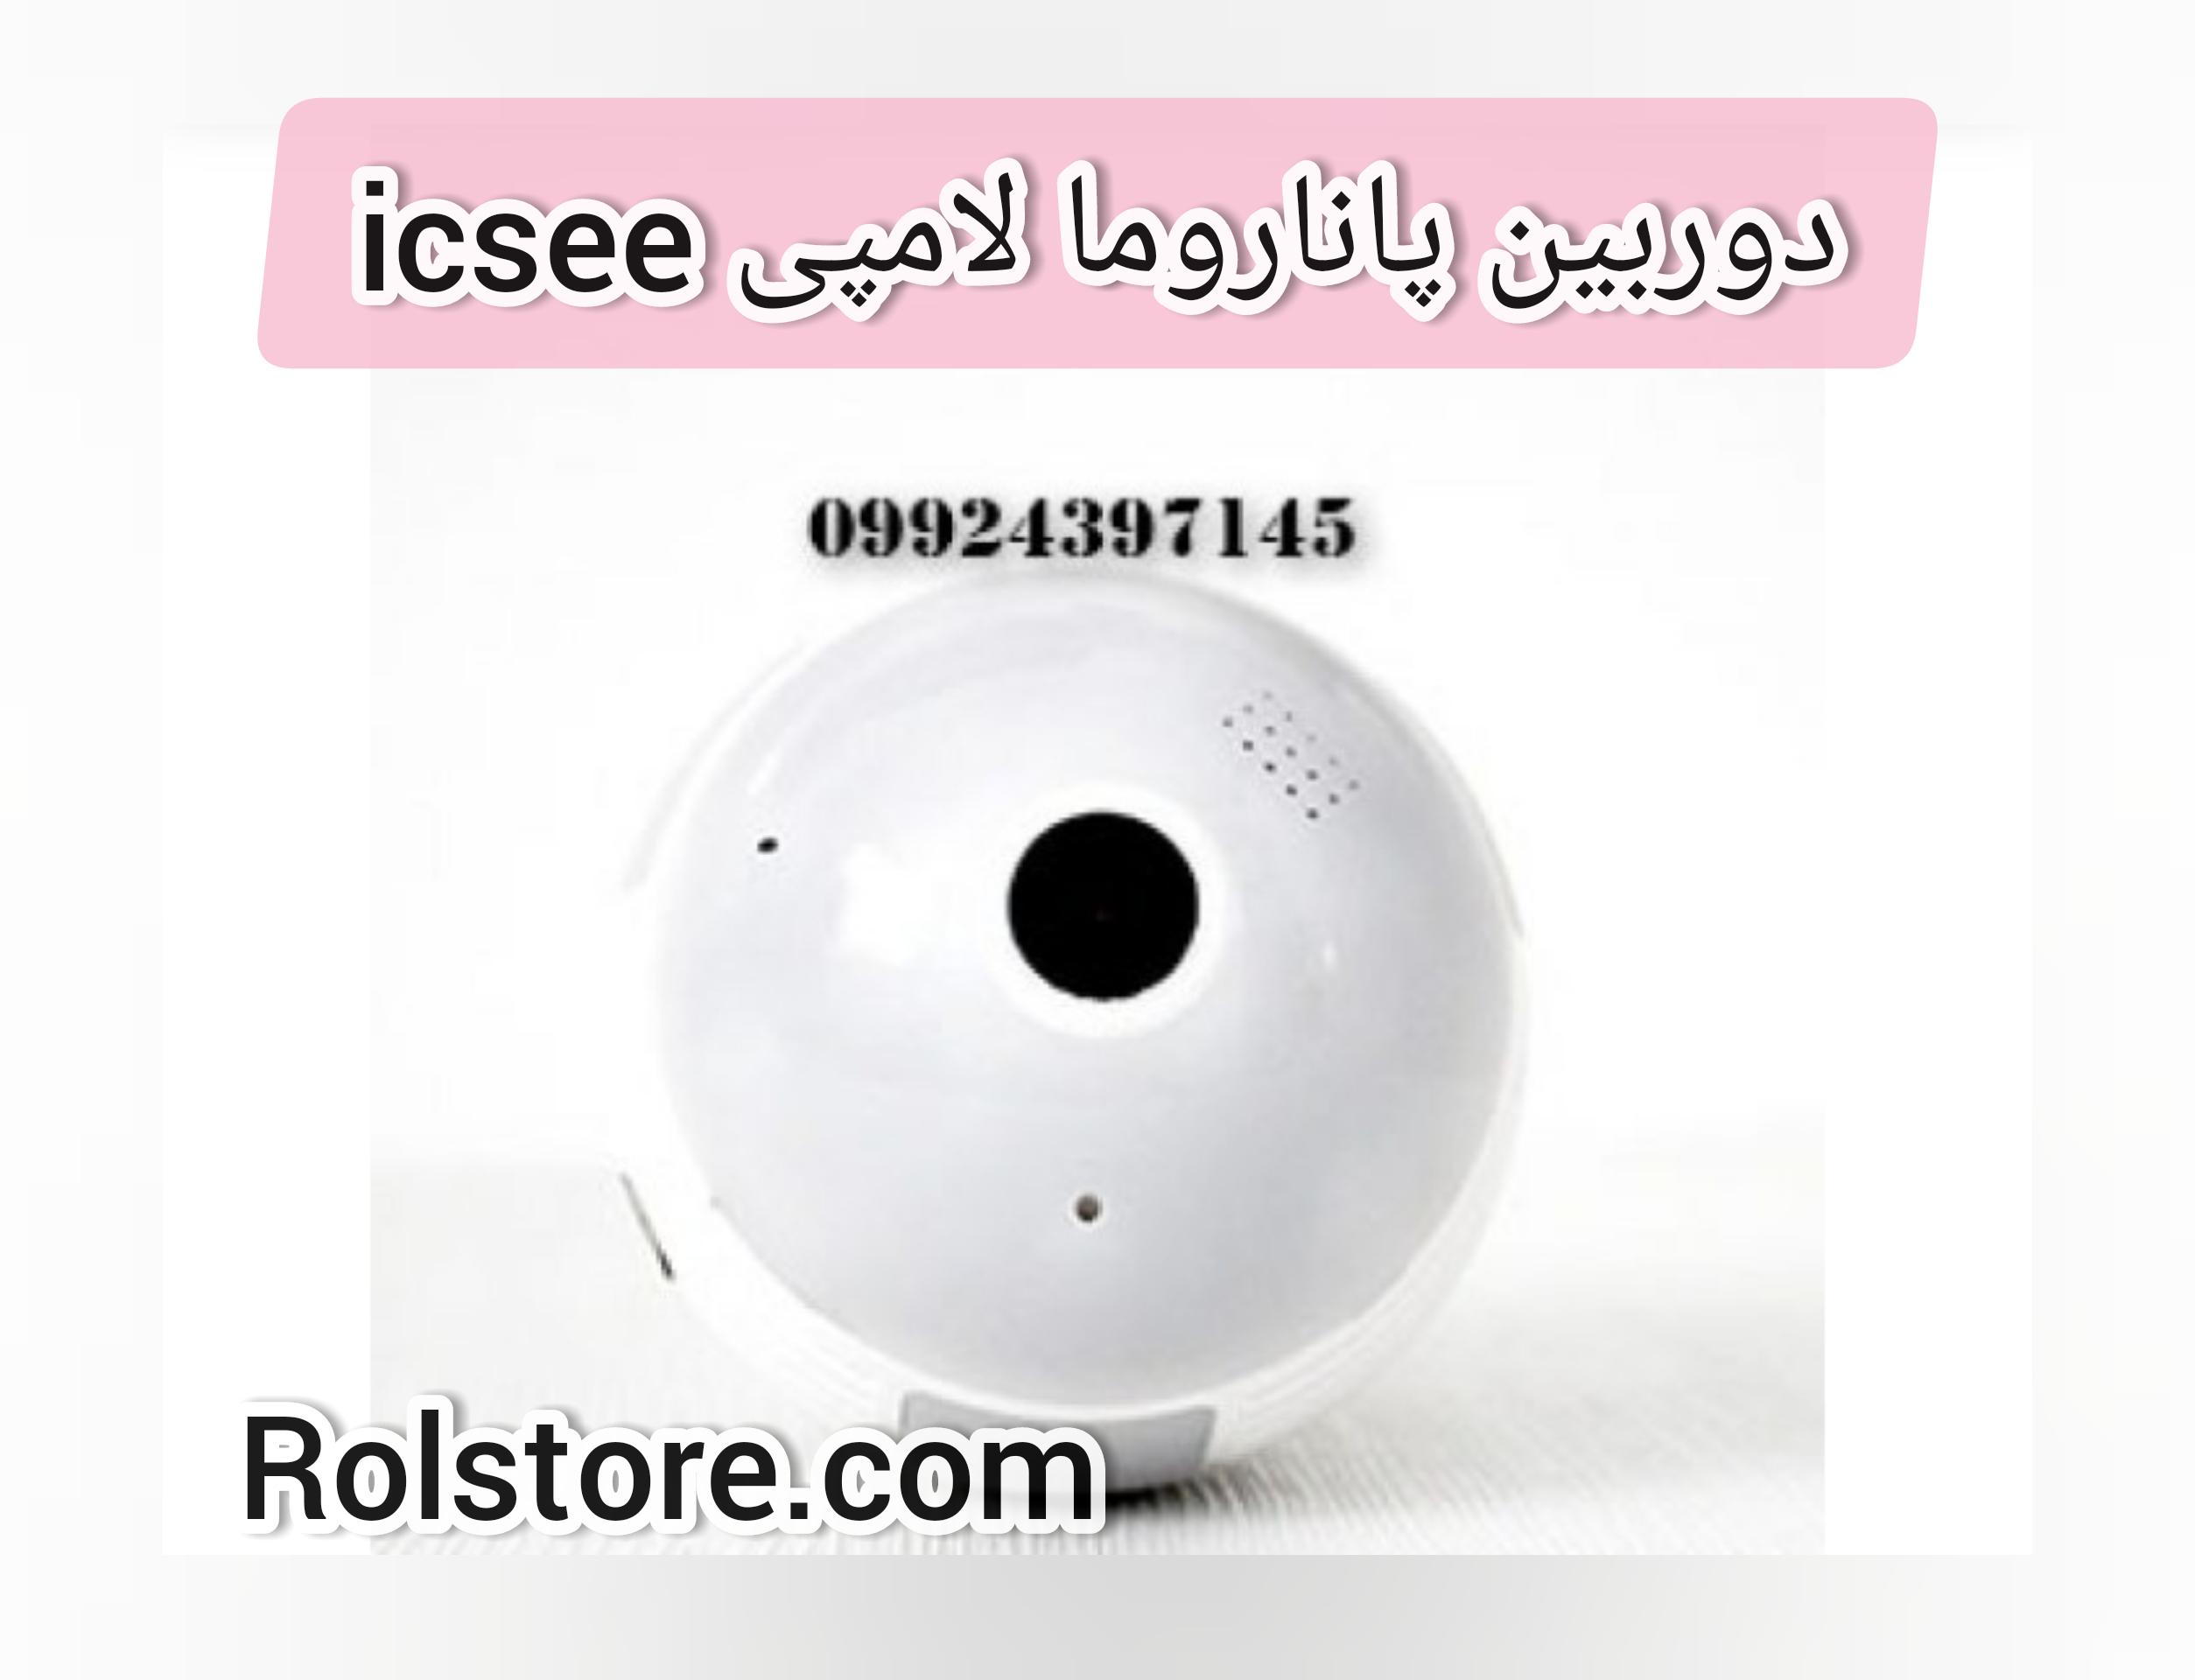 دوربین پاناروما لامپی icsee لامپ دوربین دار/۰۹۹۲۴۳۹۷۱۴۵/دوربین مدار بسته بیسیم